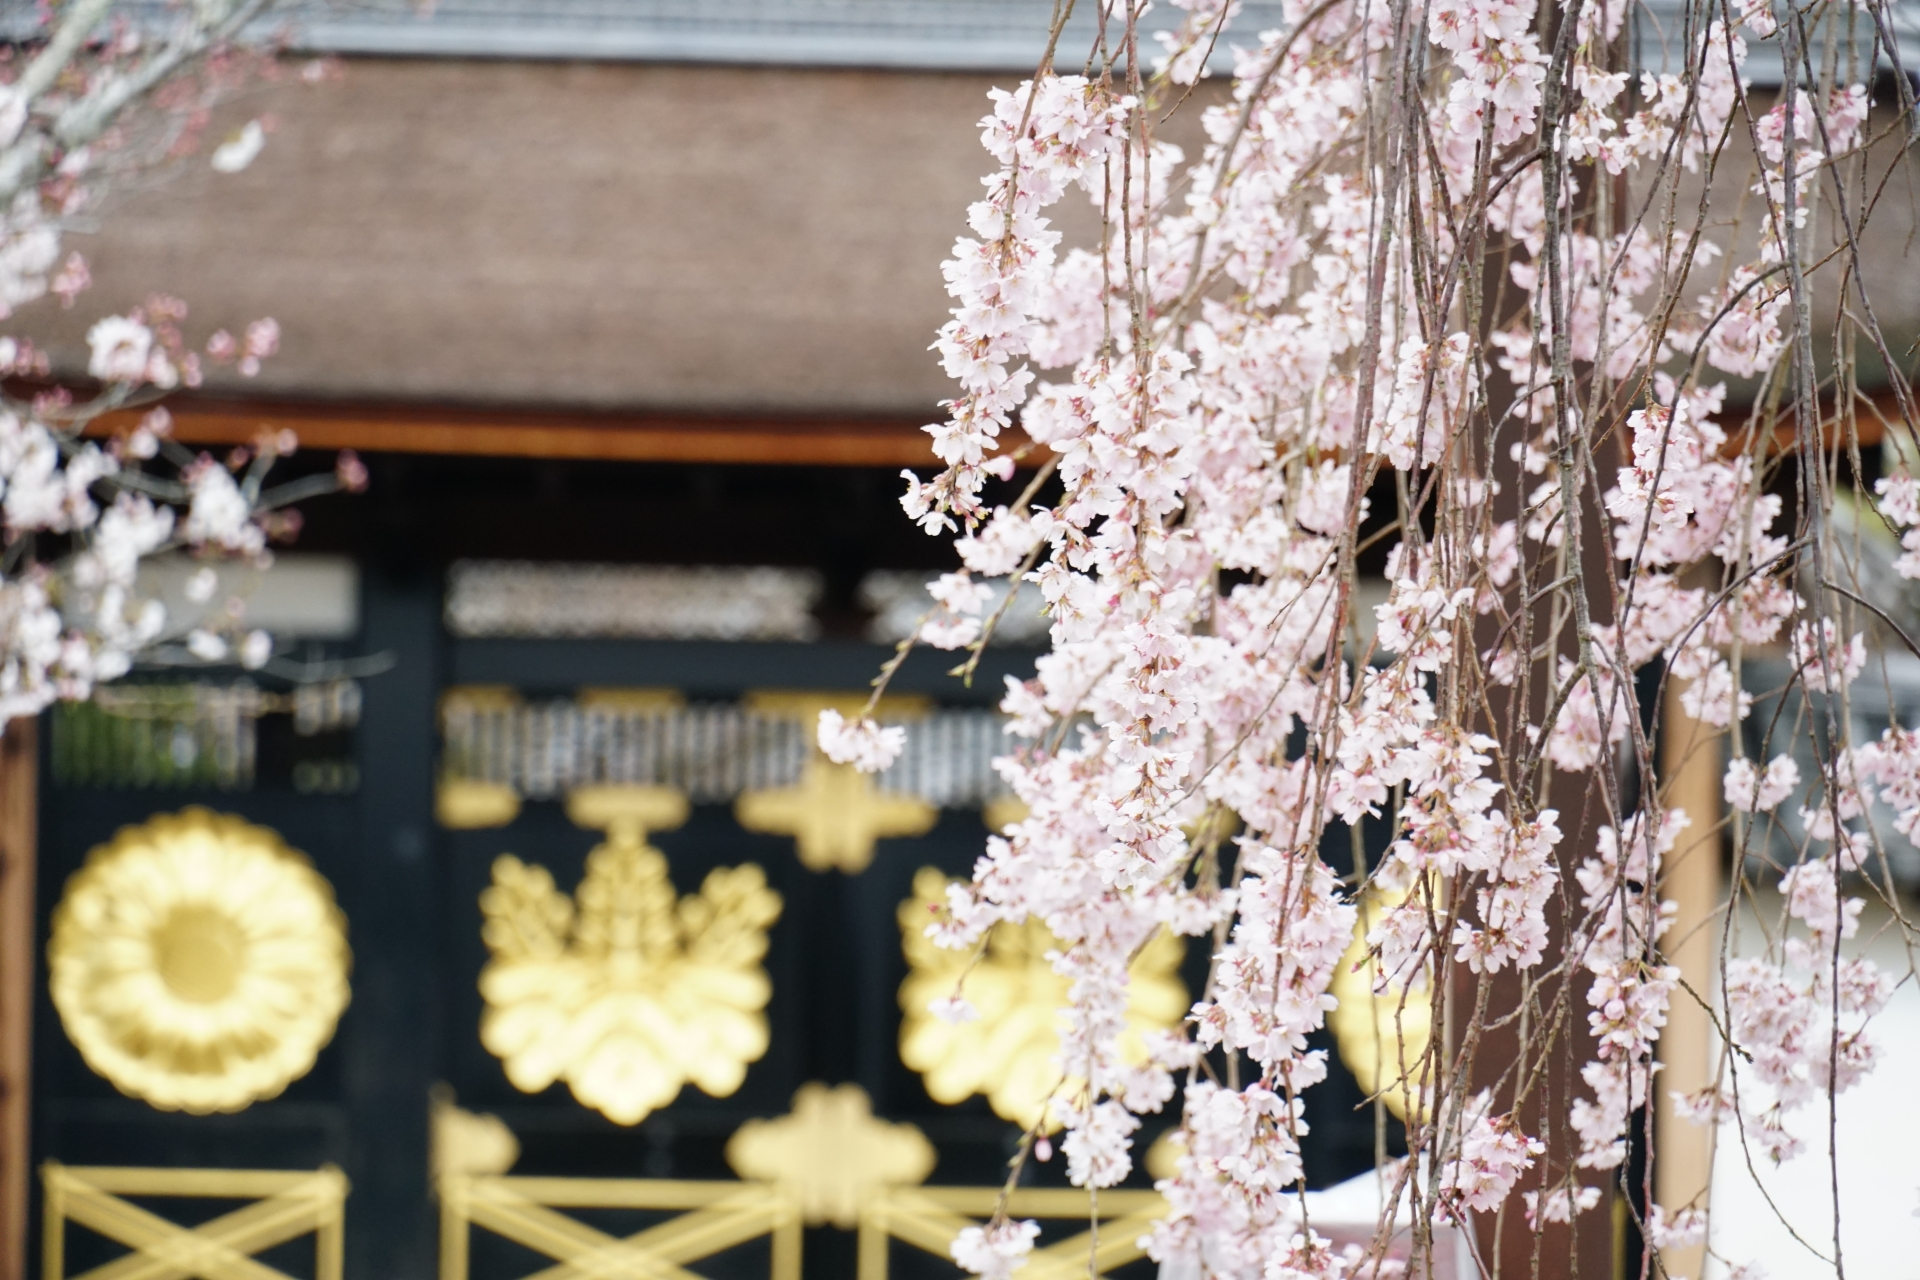 2369295_m 京都府 醍醐寺(花の醍醐と呼ばれる桜の景色が美しい春におすすめ写真スポット! 撮影した写真の紹介、アクセス情報など)